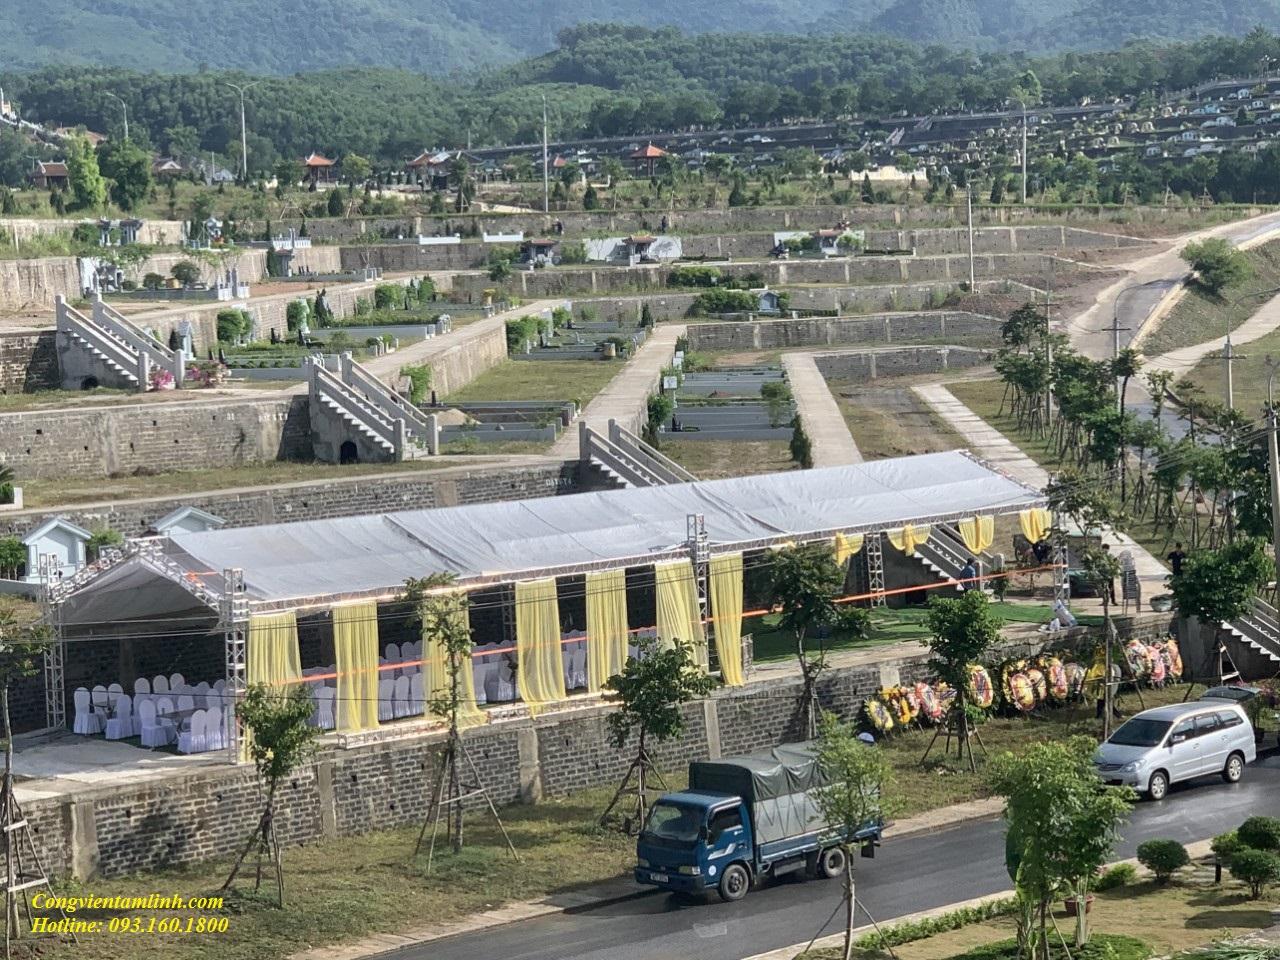 Khách hàng đưa mộ từ Hà Nội lên nghĩa trang Lạc Hồng Viên đảm bảo an toàn Covid 19